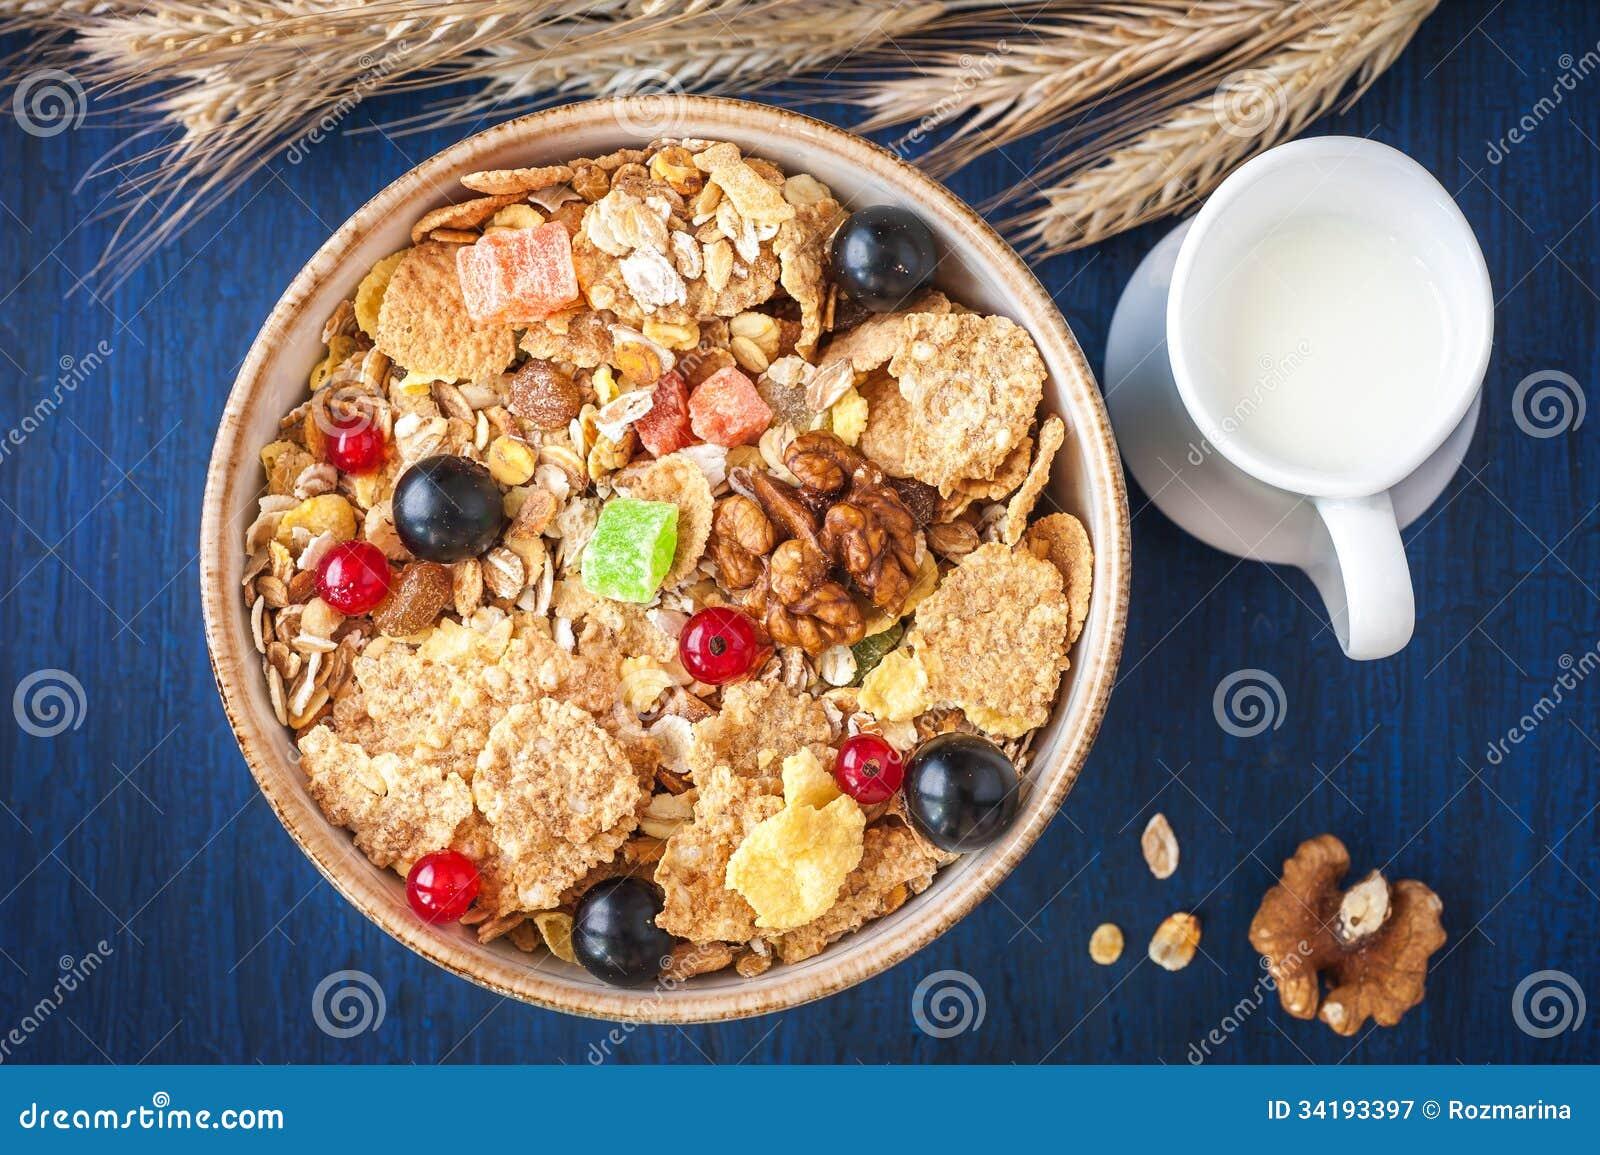 Zboża muesli w pucharze z jagodami i suszącym - owoc i mleko w dzbanku. (granola)